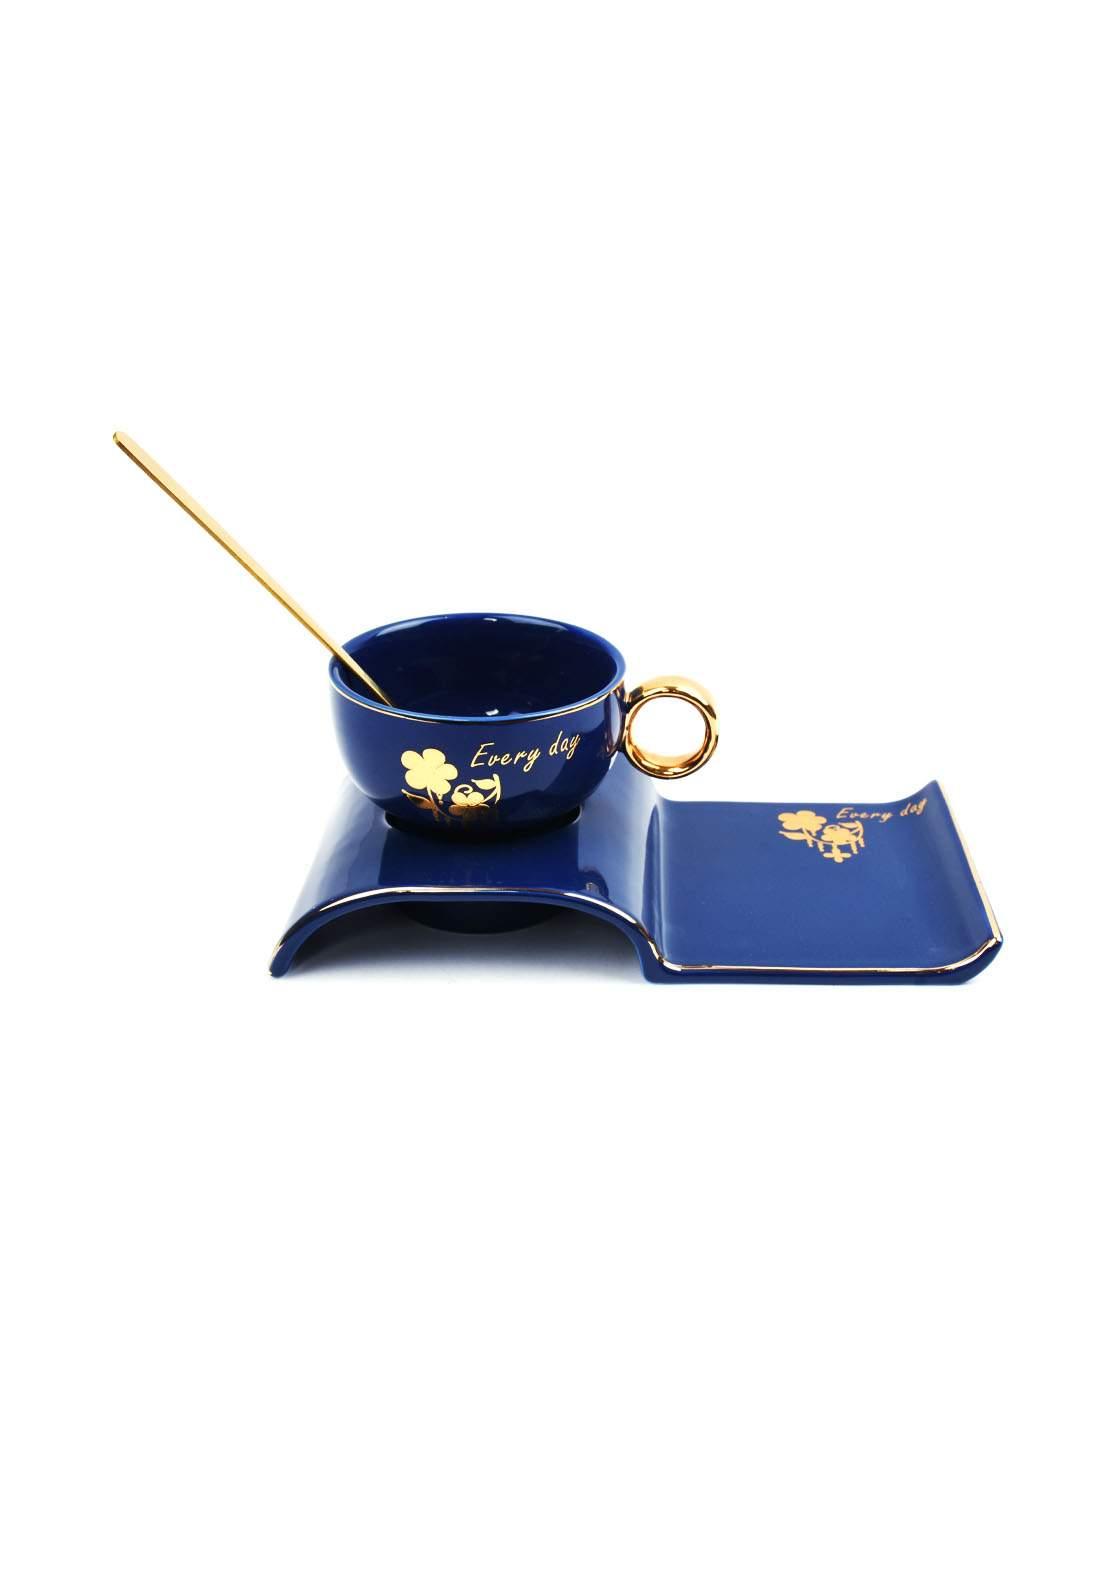 cup of coffee كوب قهوة نيلي اللون